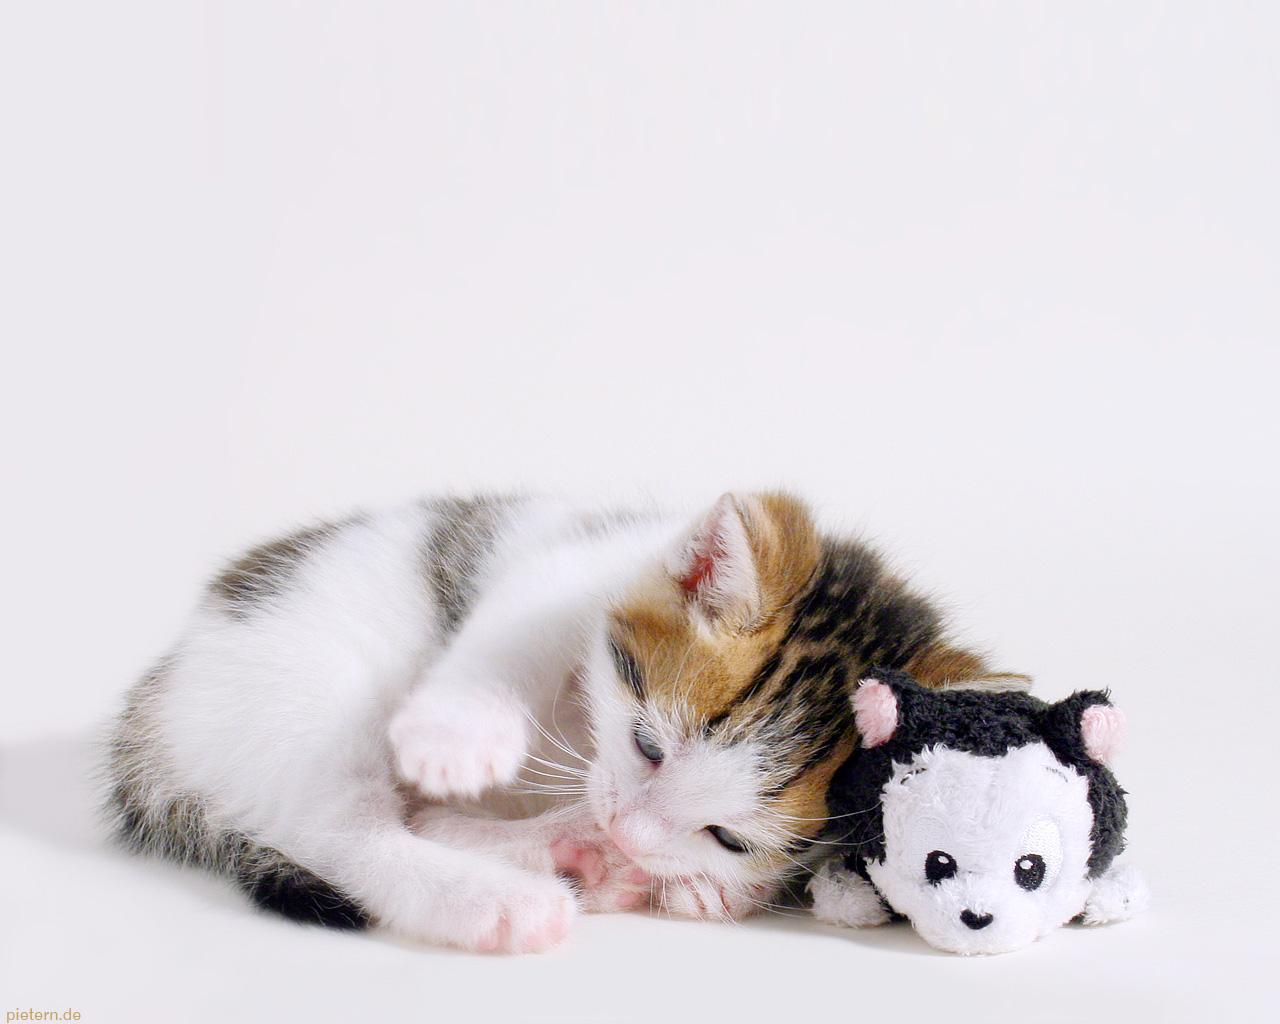 котенок и игрушка, фото, обои